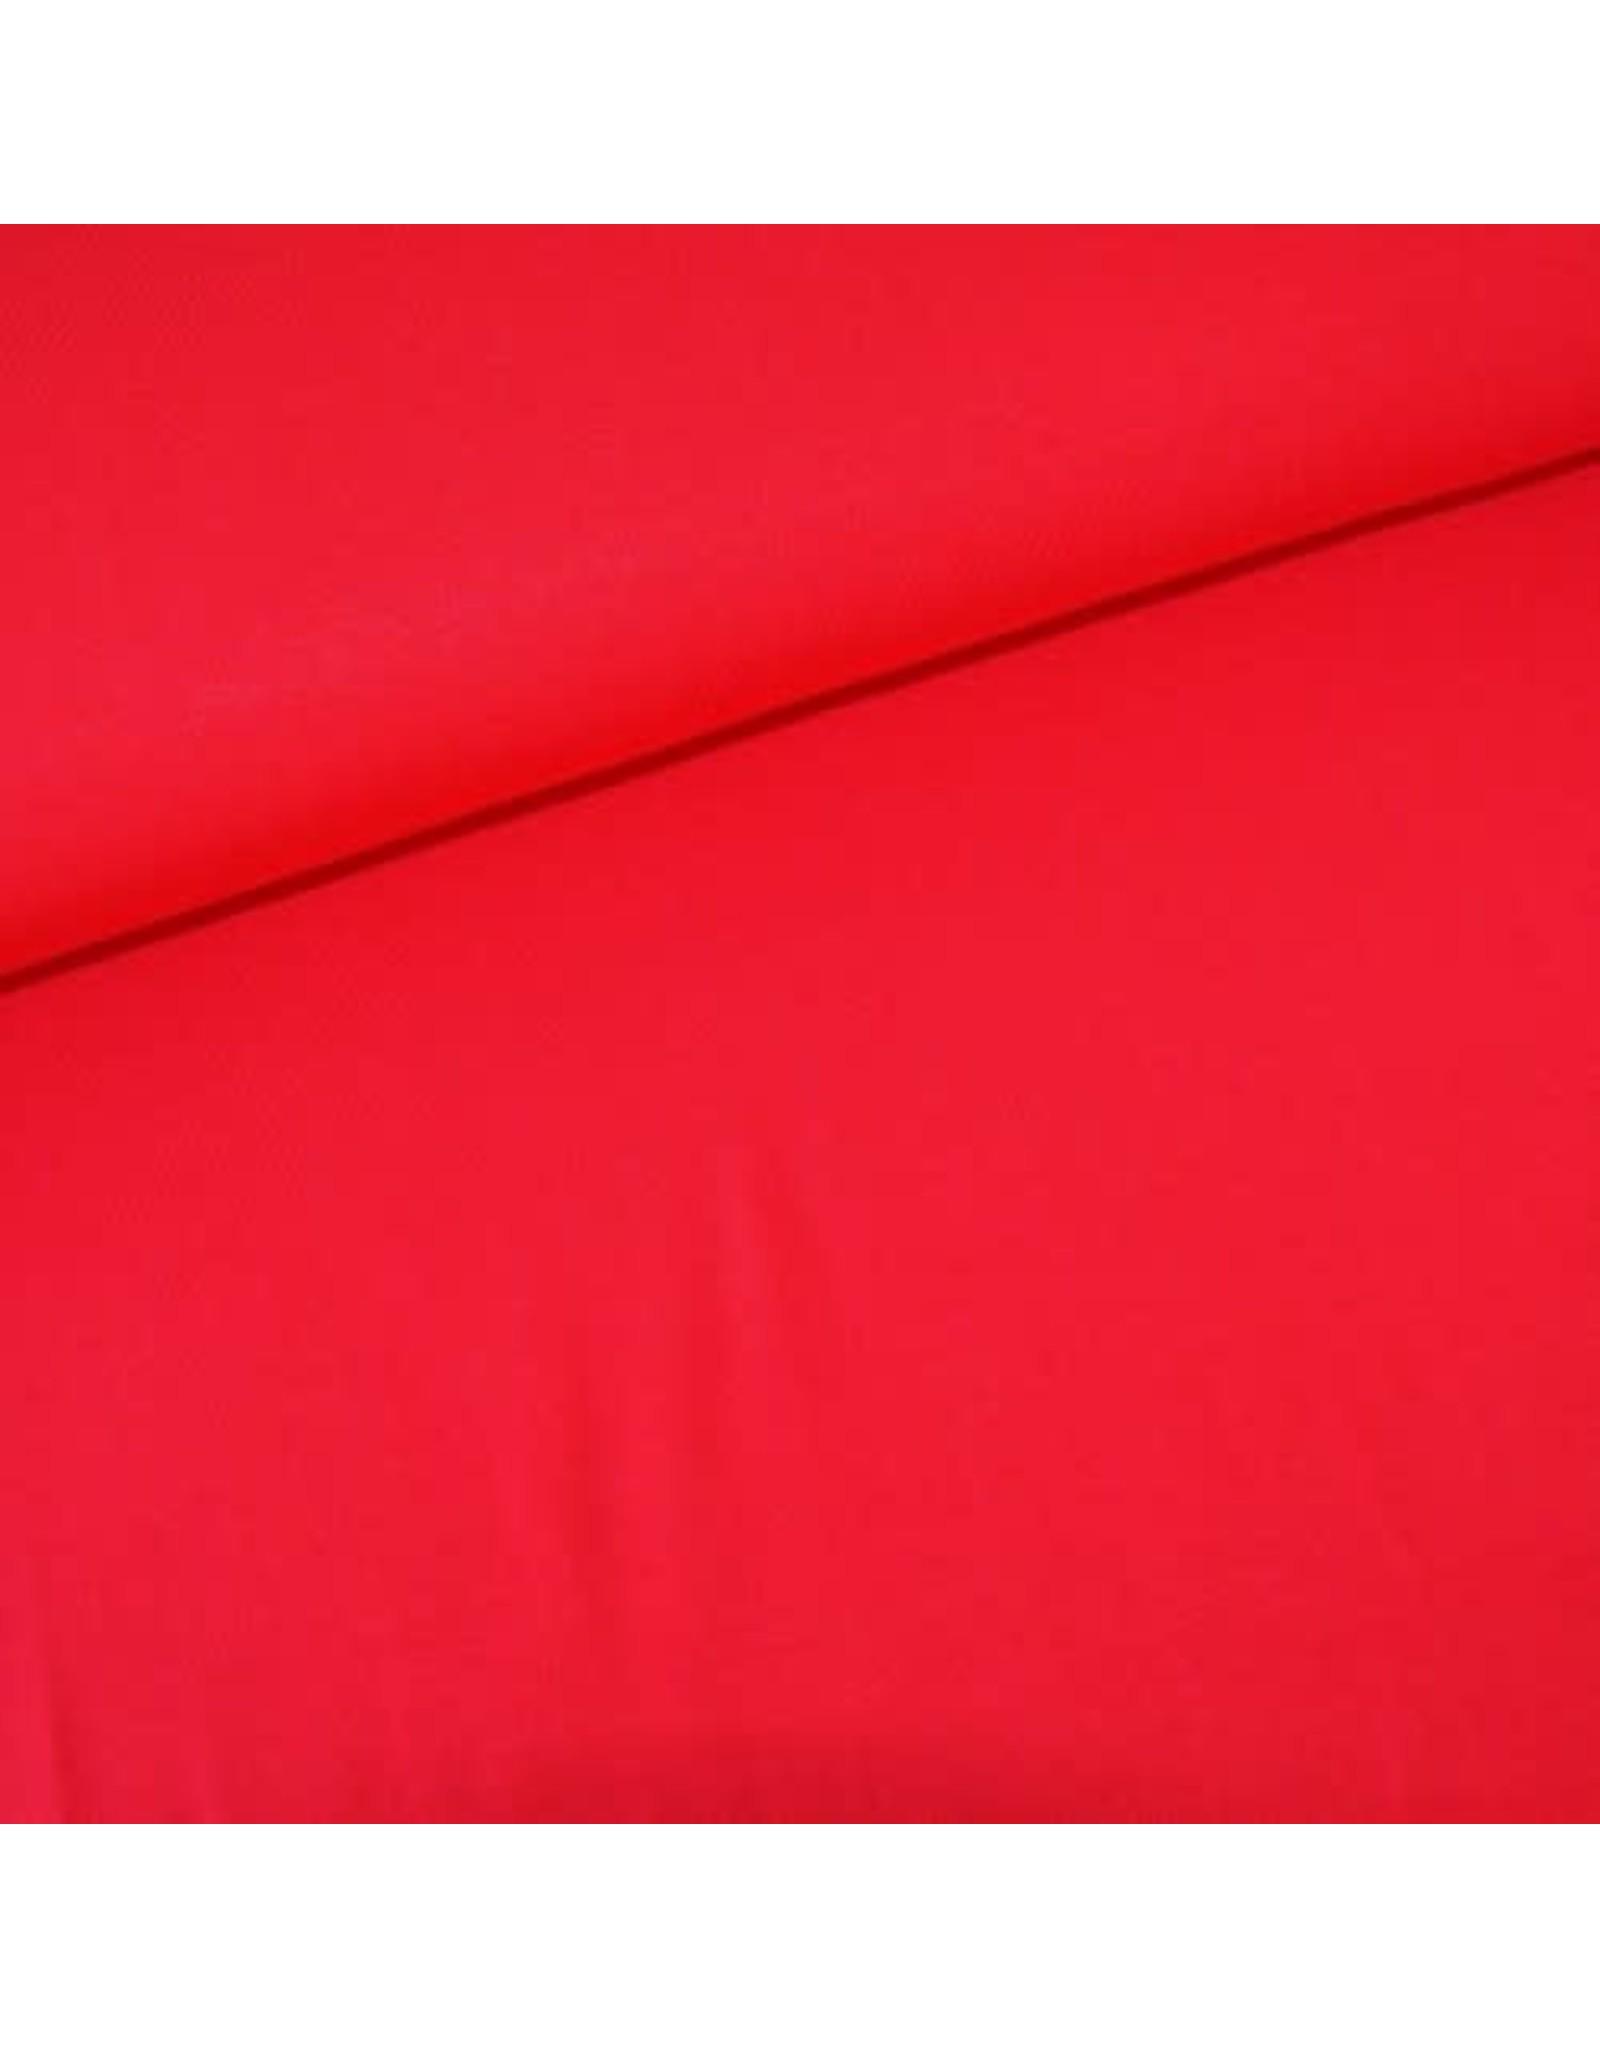 Stik-Stof Modal jersey rood